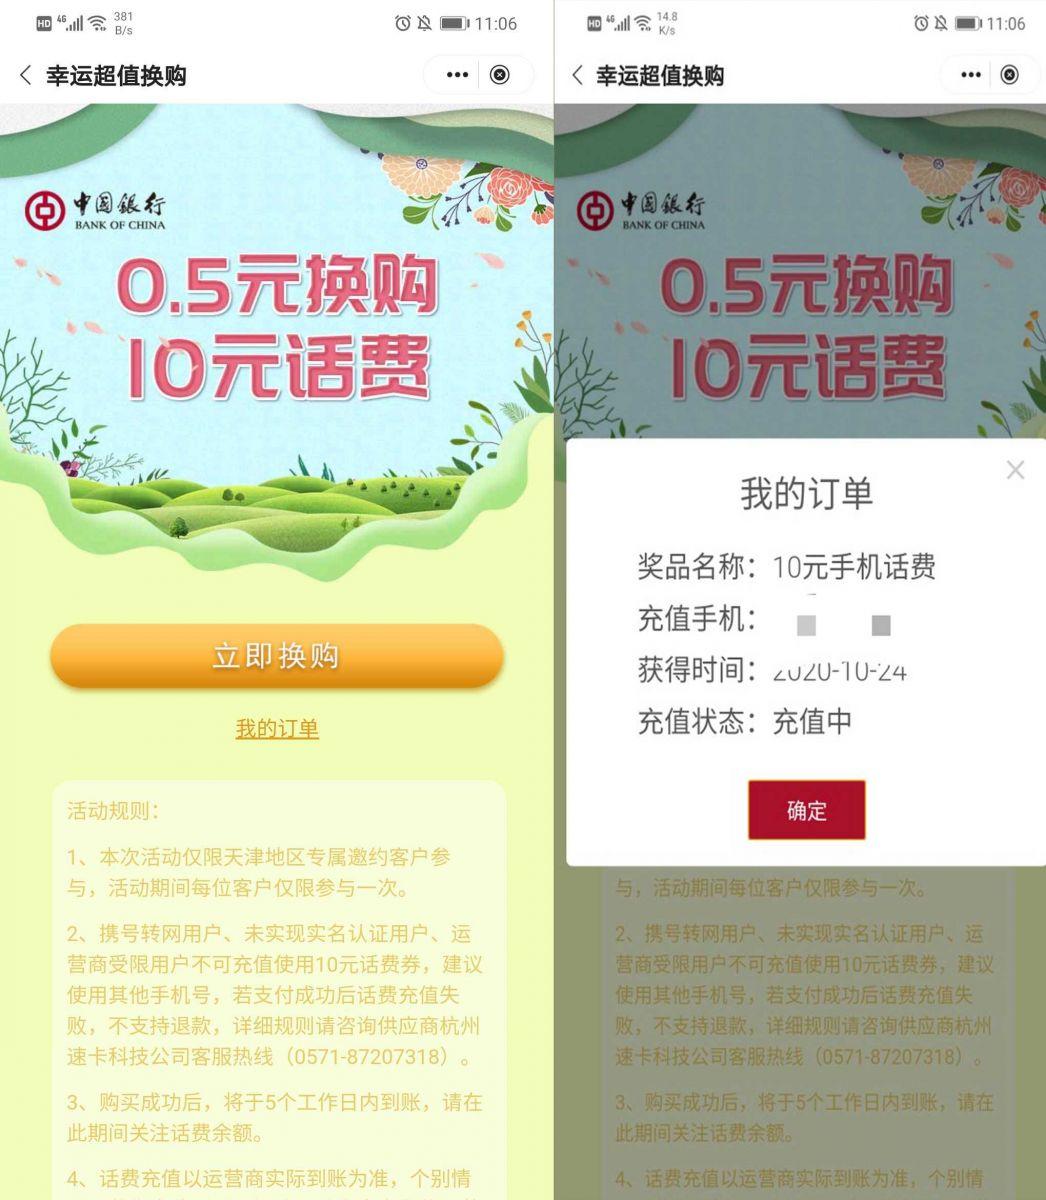 中国银行0.5元换购10元话费活动